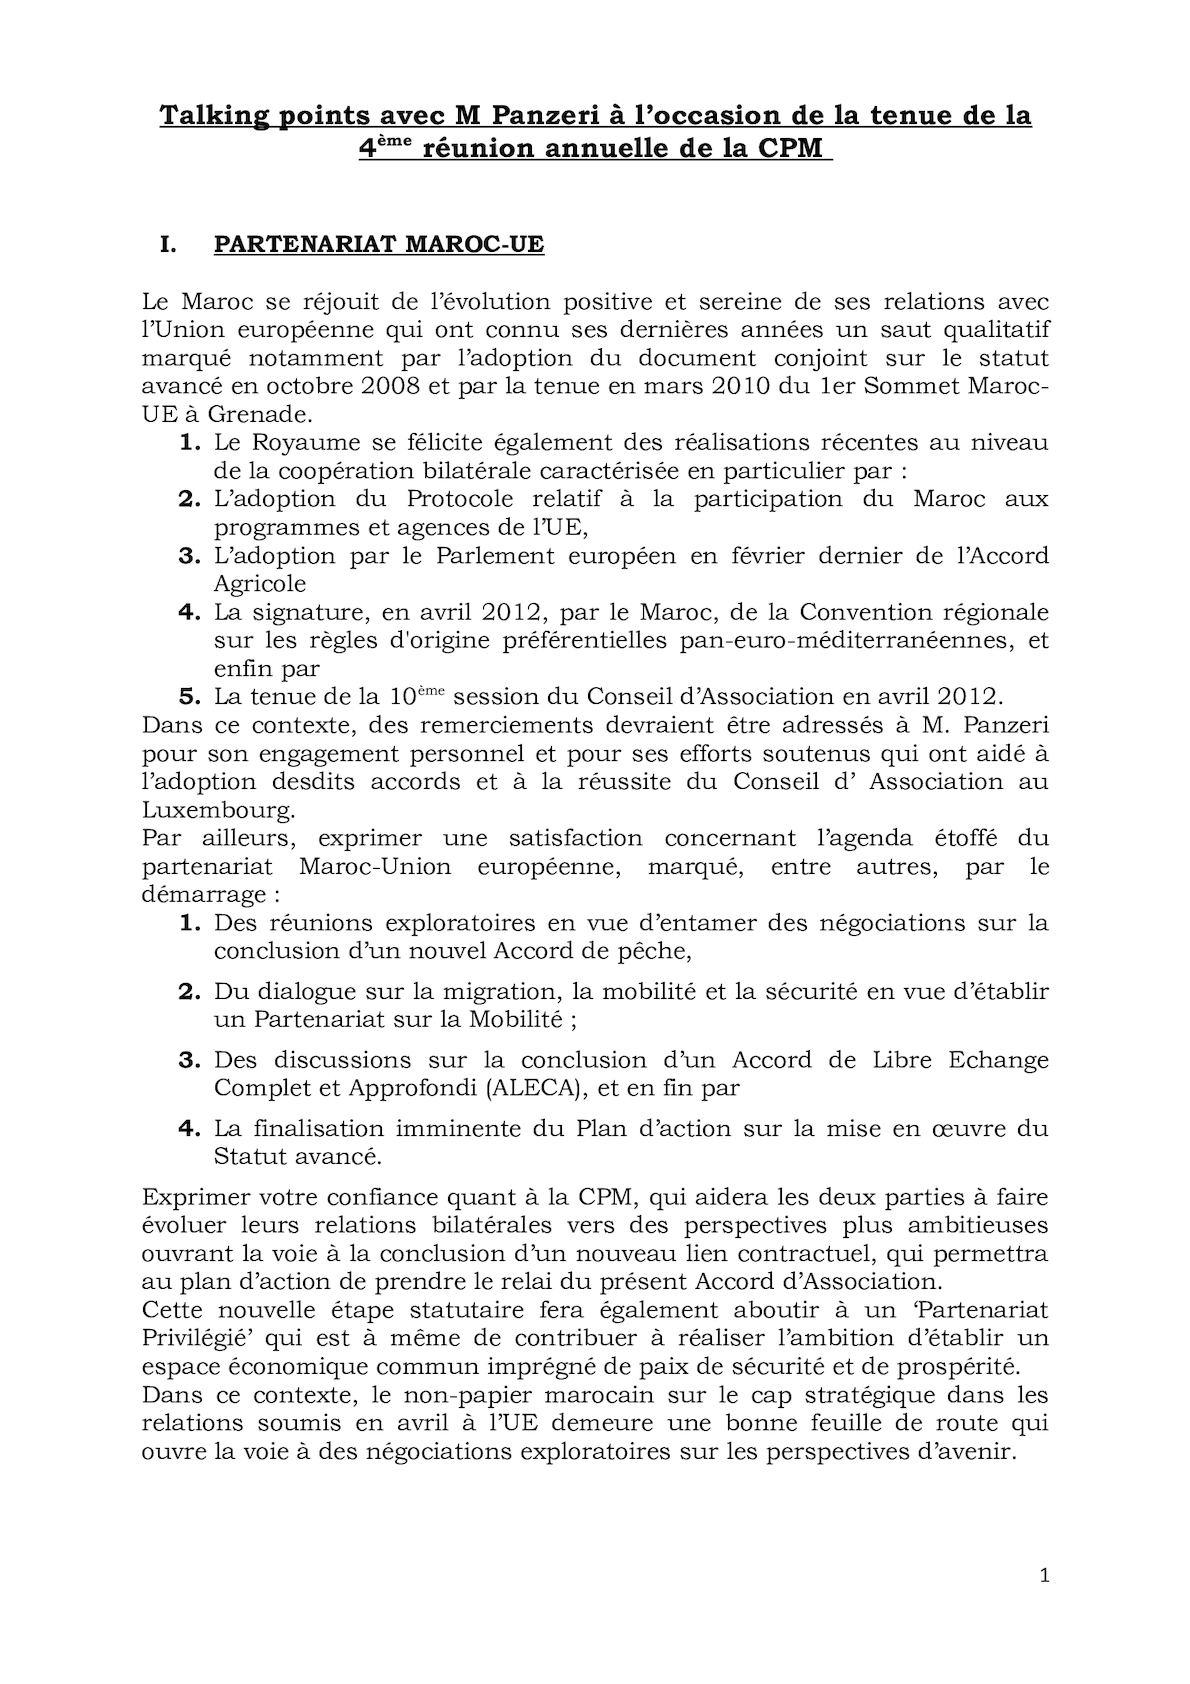 Talking Points De M Le Président Avec M Panzeri